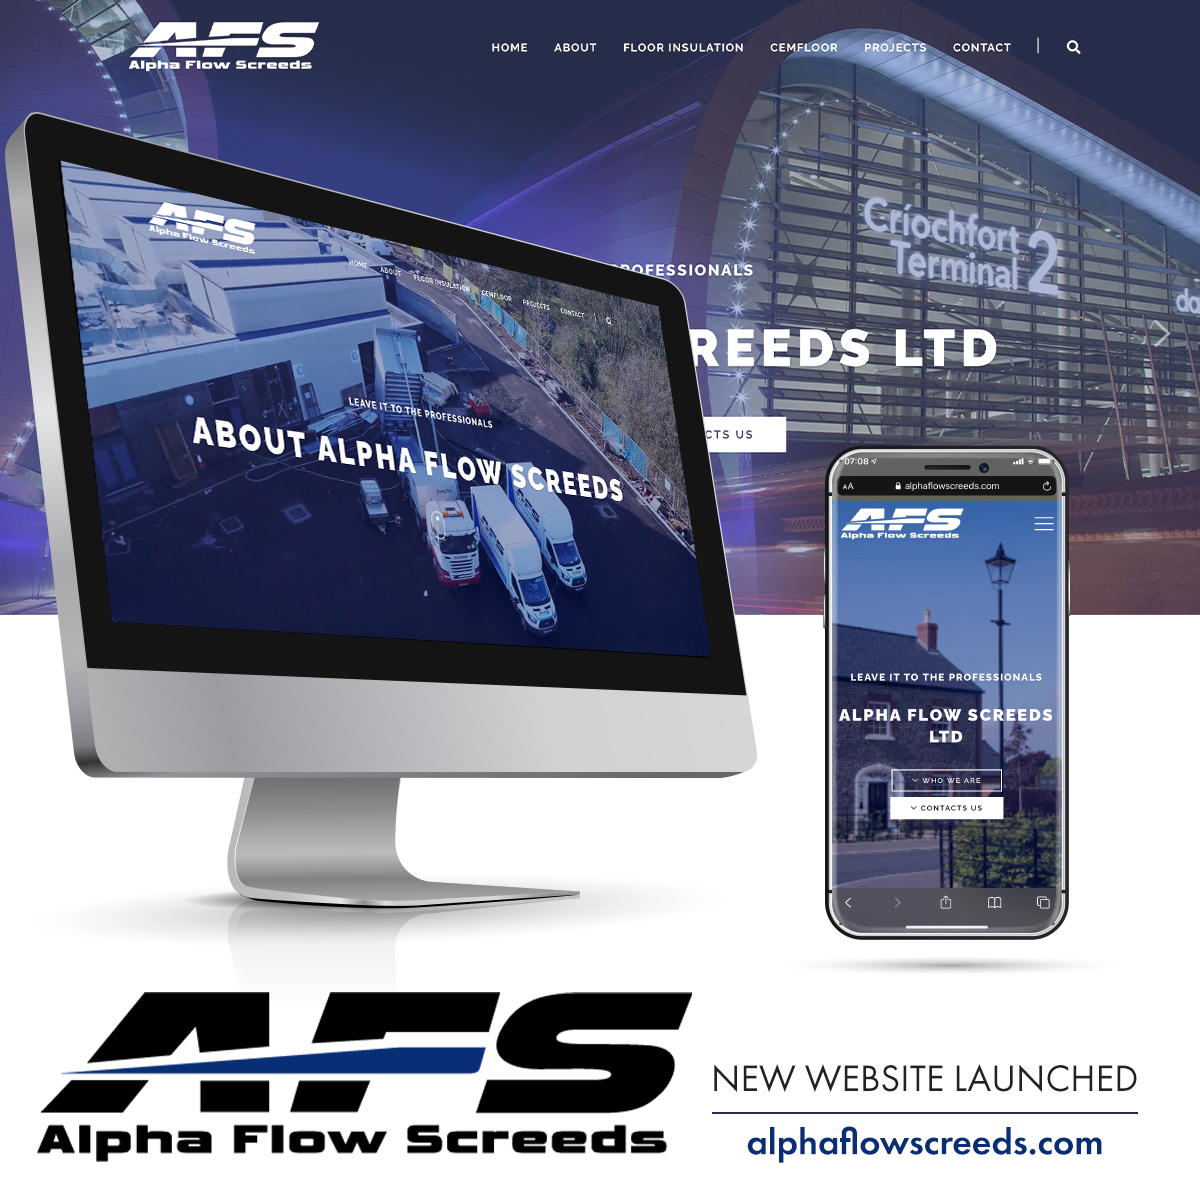 NI Designer web design Alpha Flow Screeds alphaflowscreeds.com